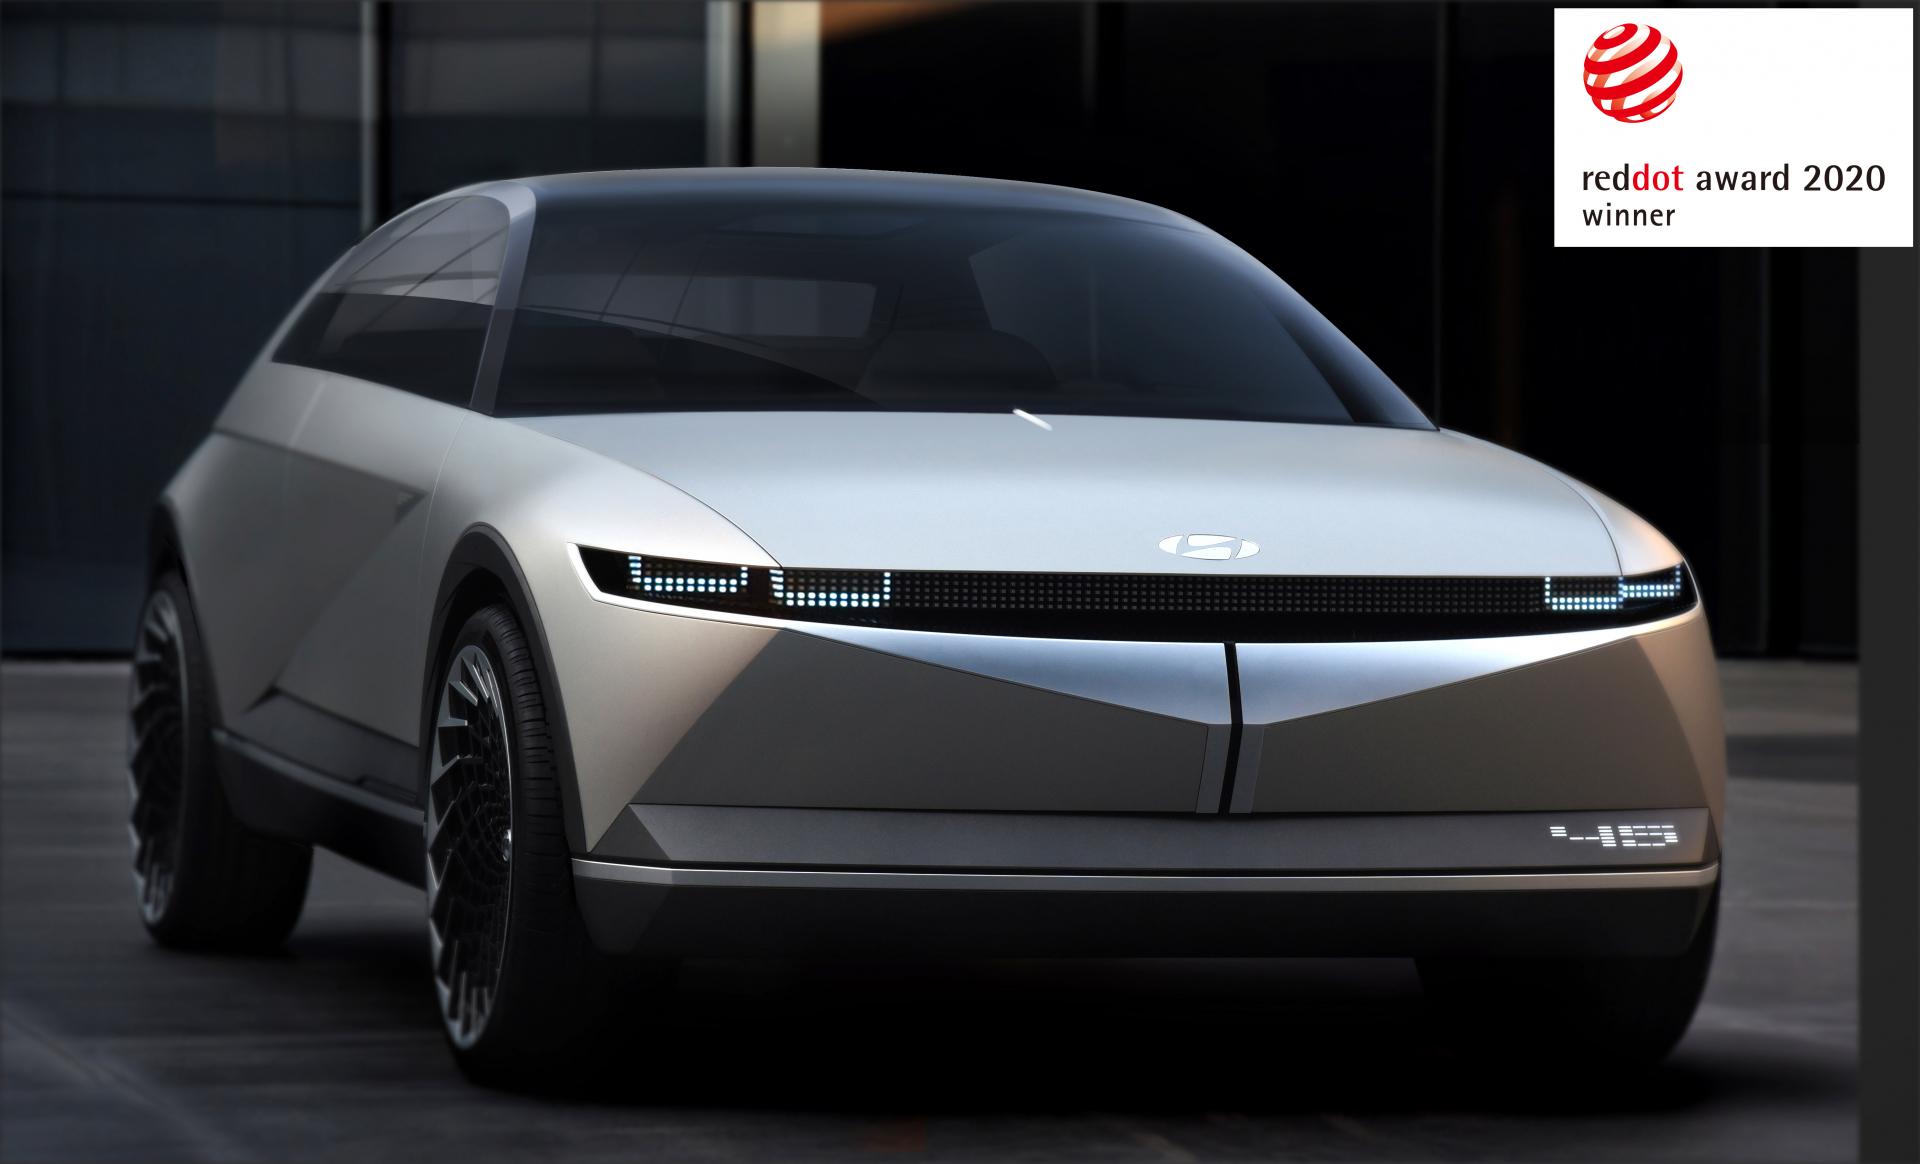 Компанія Hyundai Motor отримала три нагороди Red Dot Award 2020 за концептуальний дизайн | Едем-Авто - фото 9